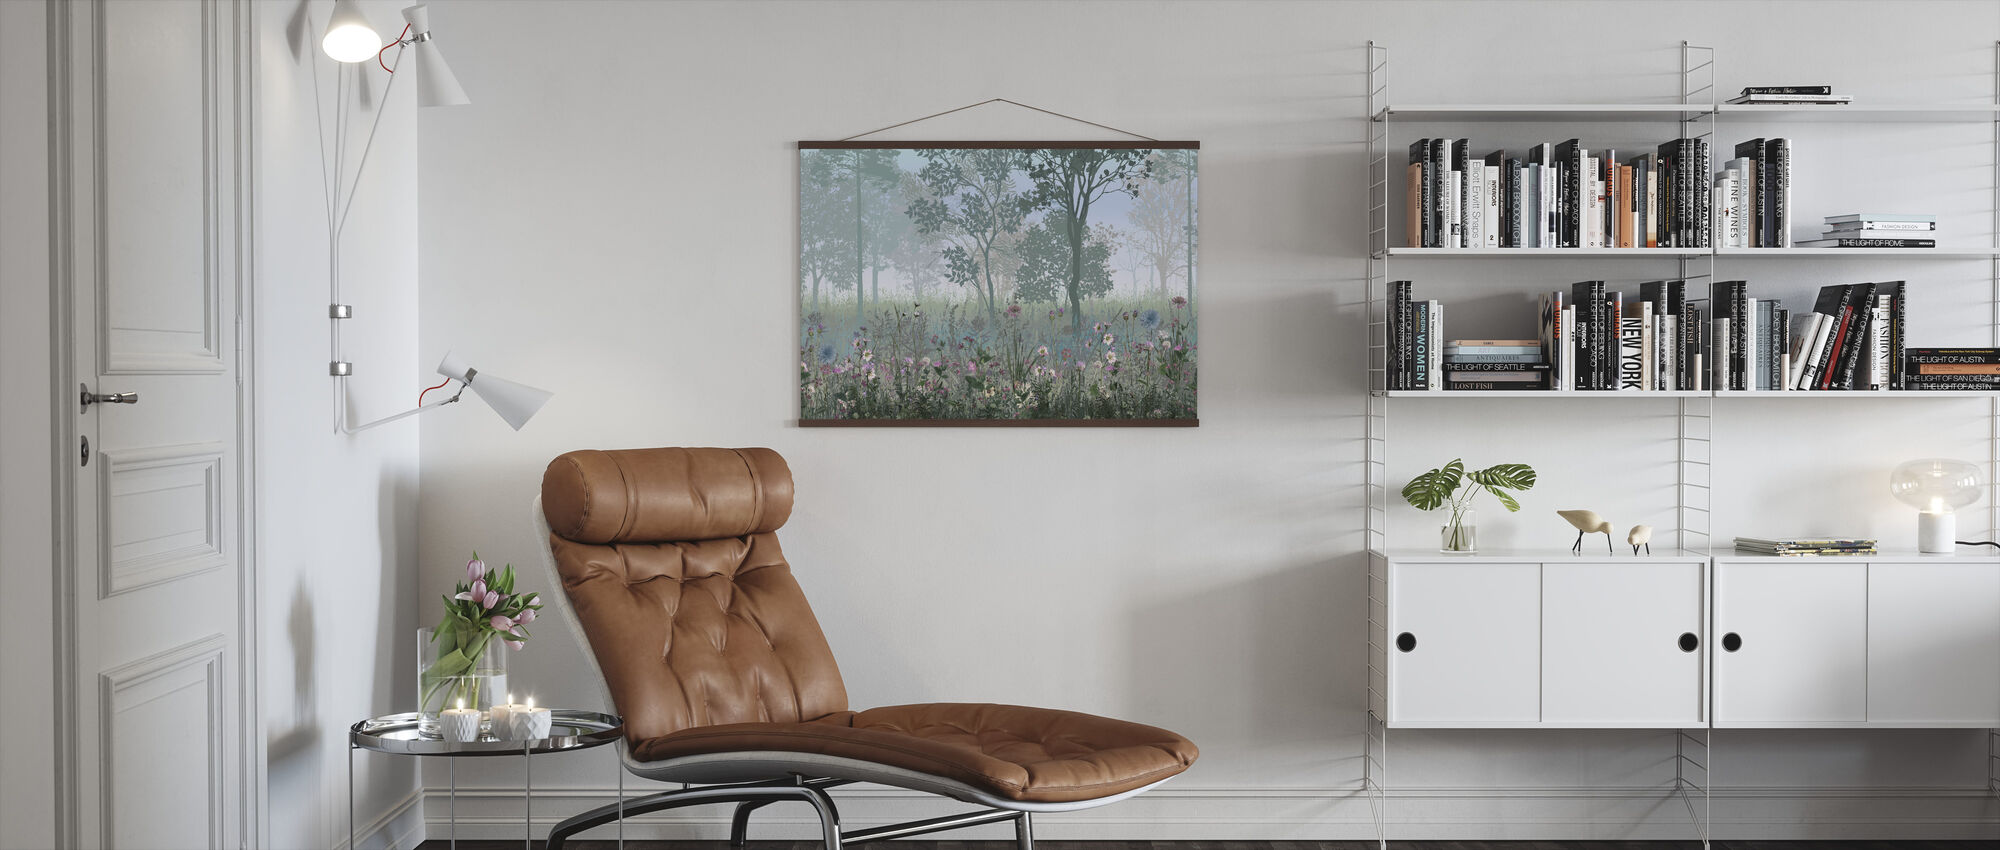 Hazy skog - Poster - Vardagsrum